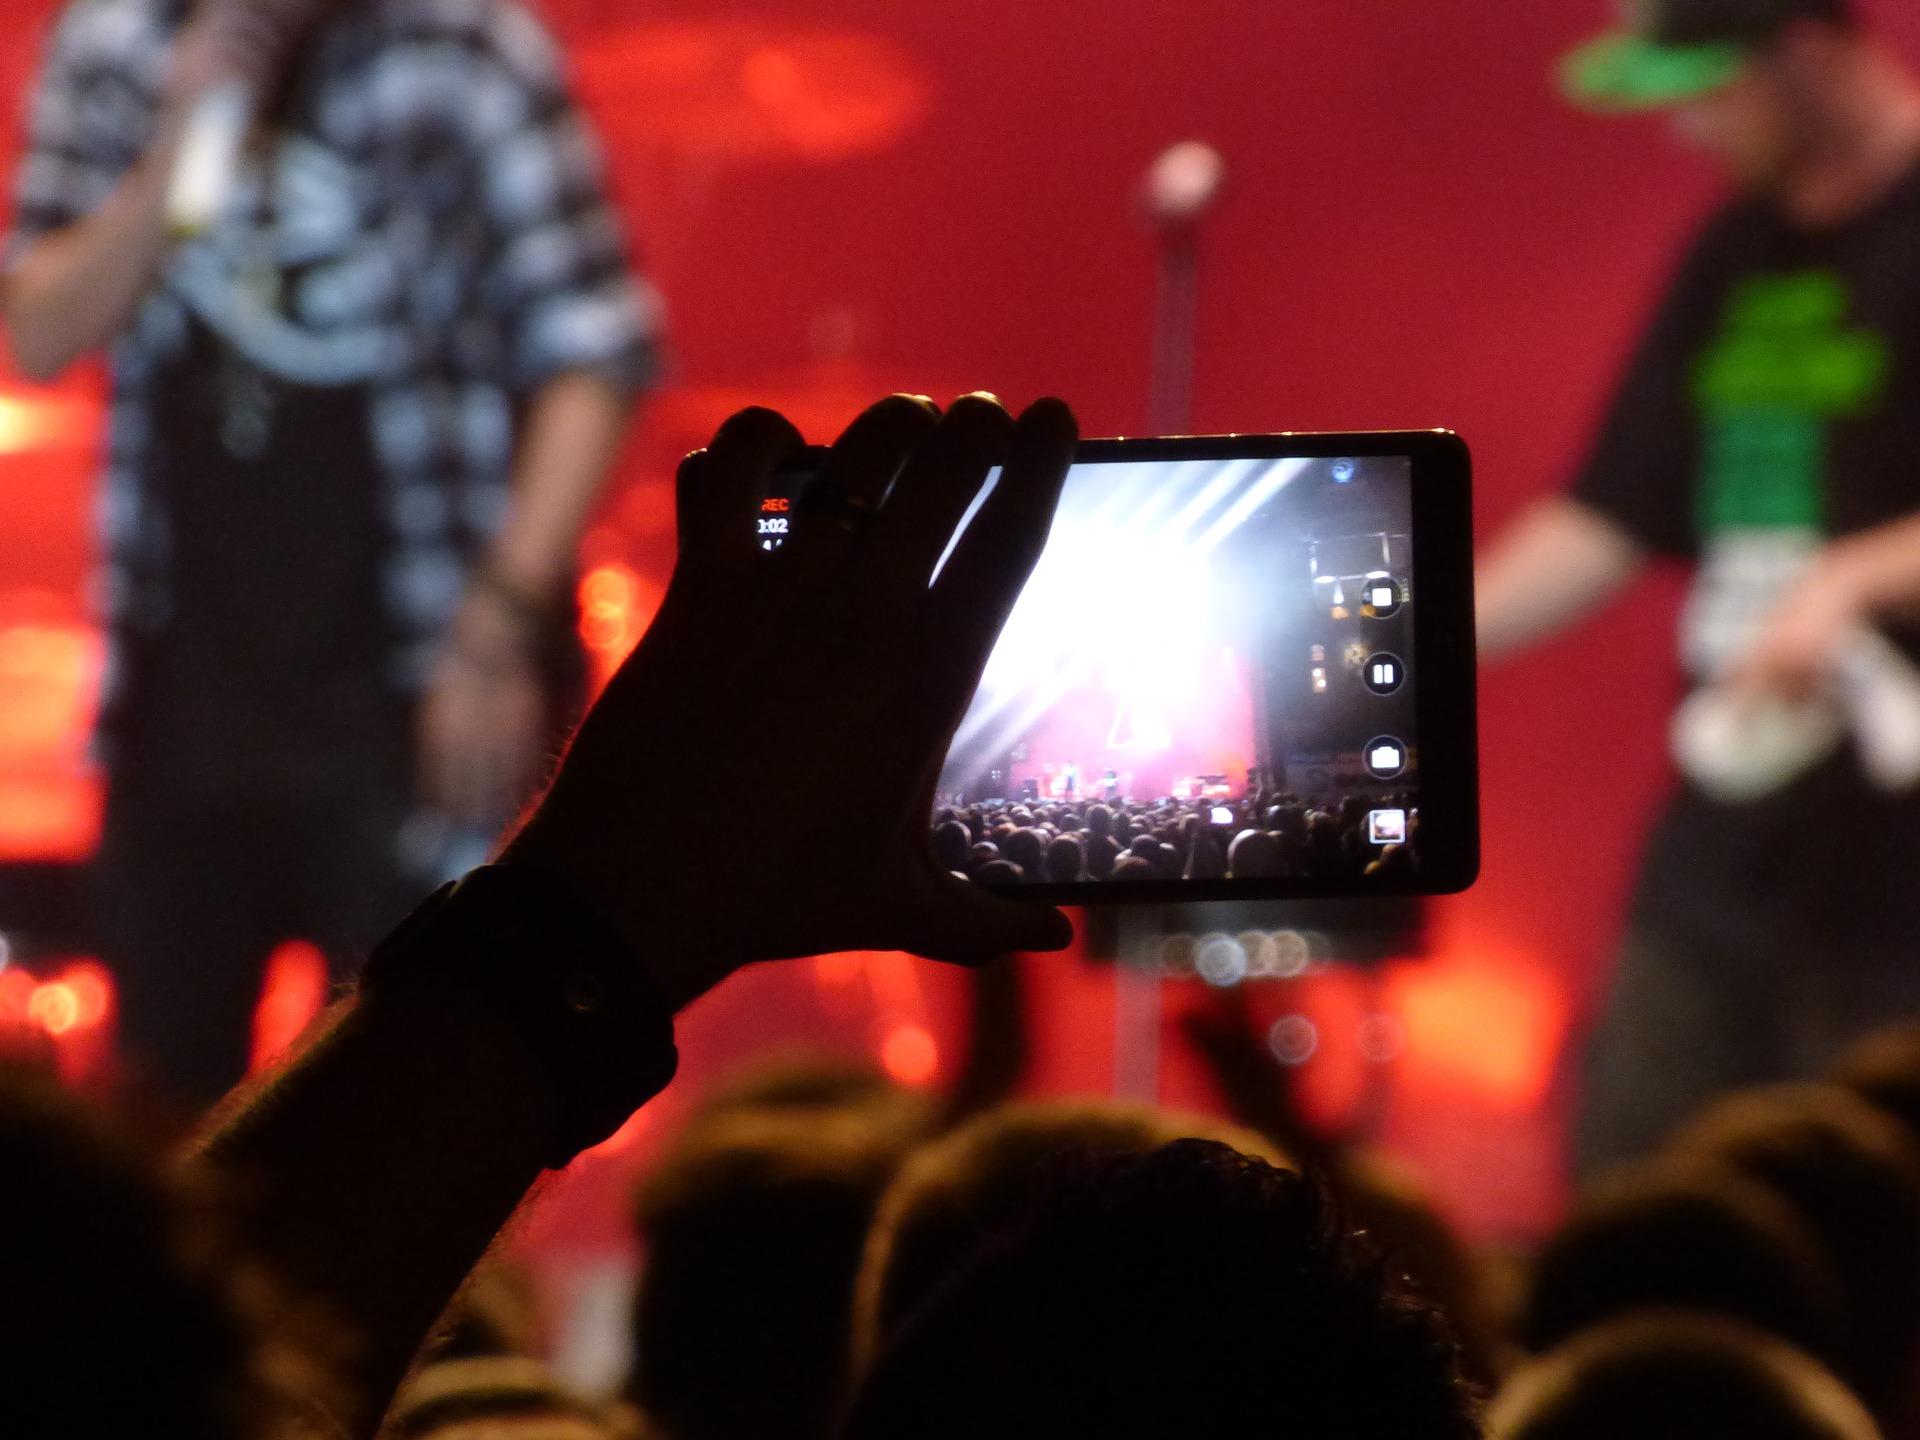 ¿Alguna vez se ha preguntado cómo transmitir su evento en vivo? Todo lo que necesita para comenzar es un teléfono o una tableta.